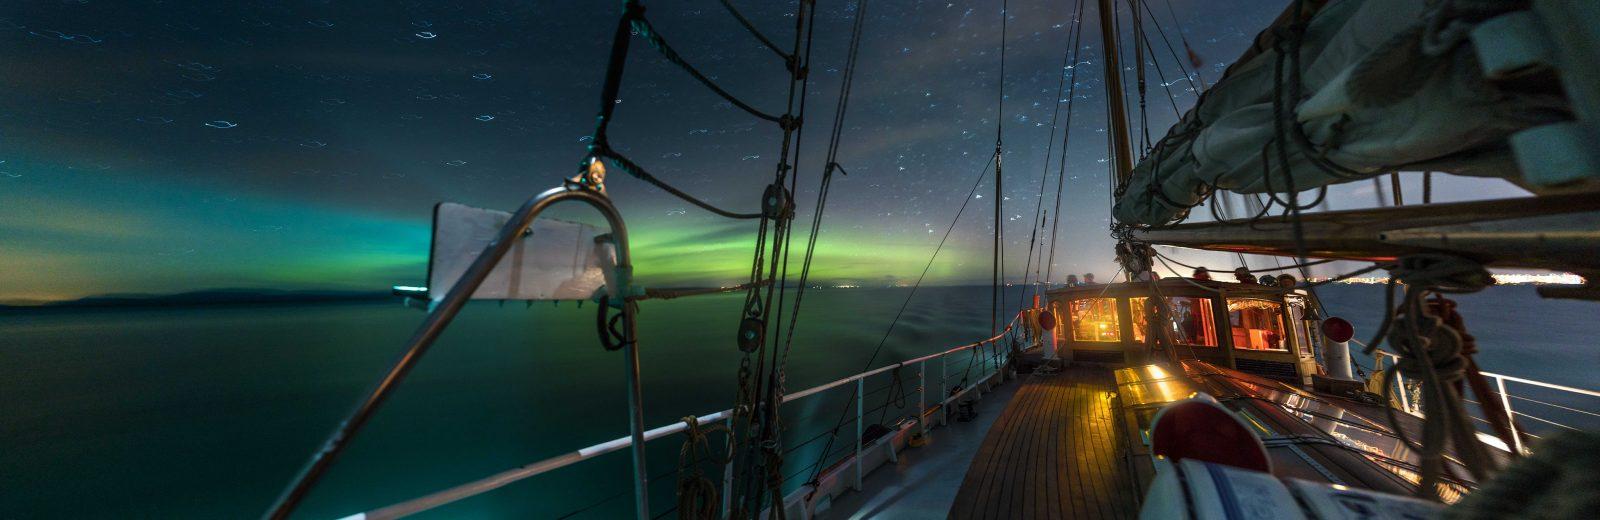 Un voilier-école quittera Sept-Îles pour aller explorer le ciel et le plancton du golfe